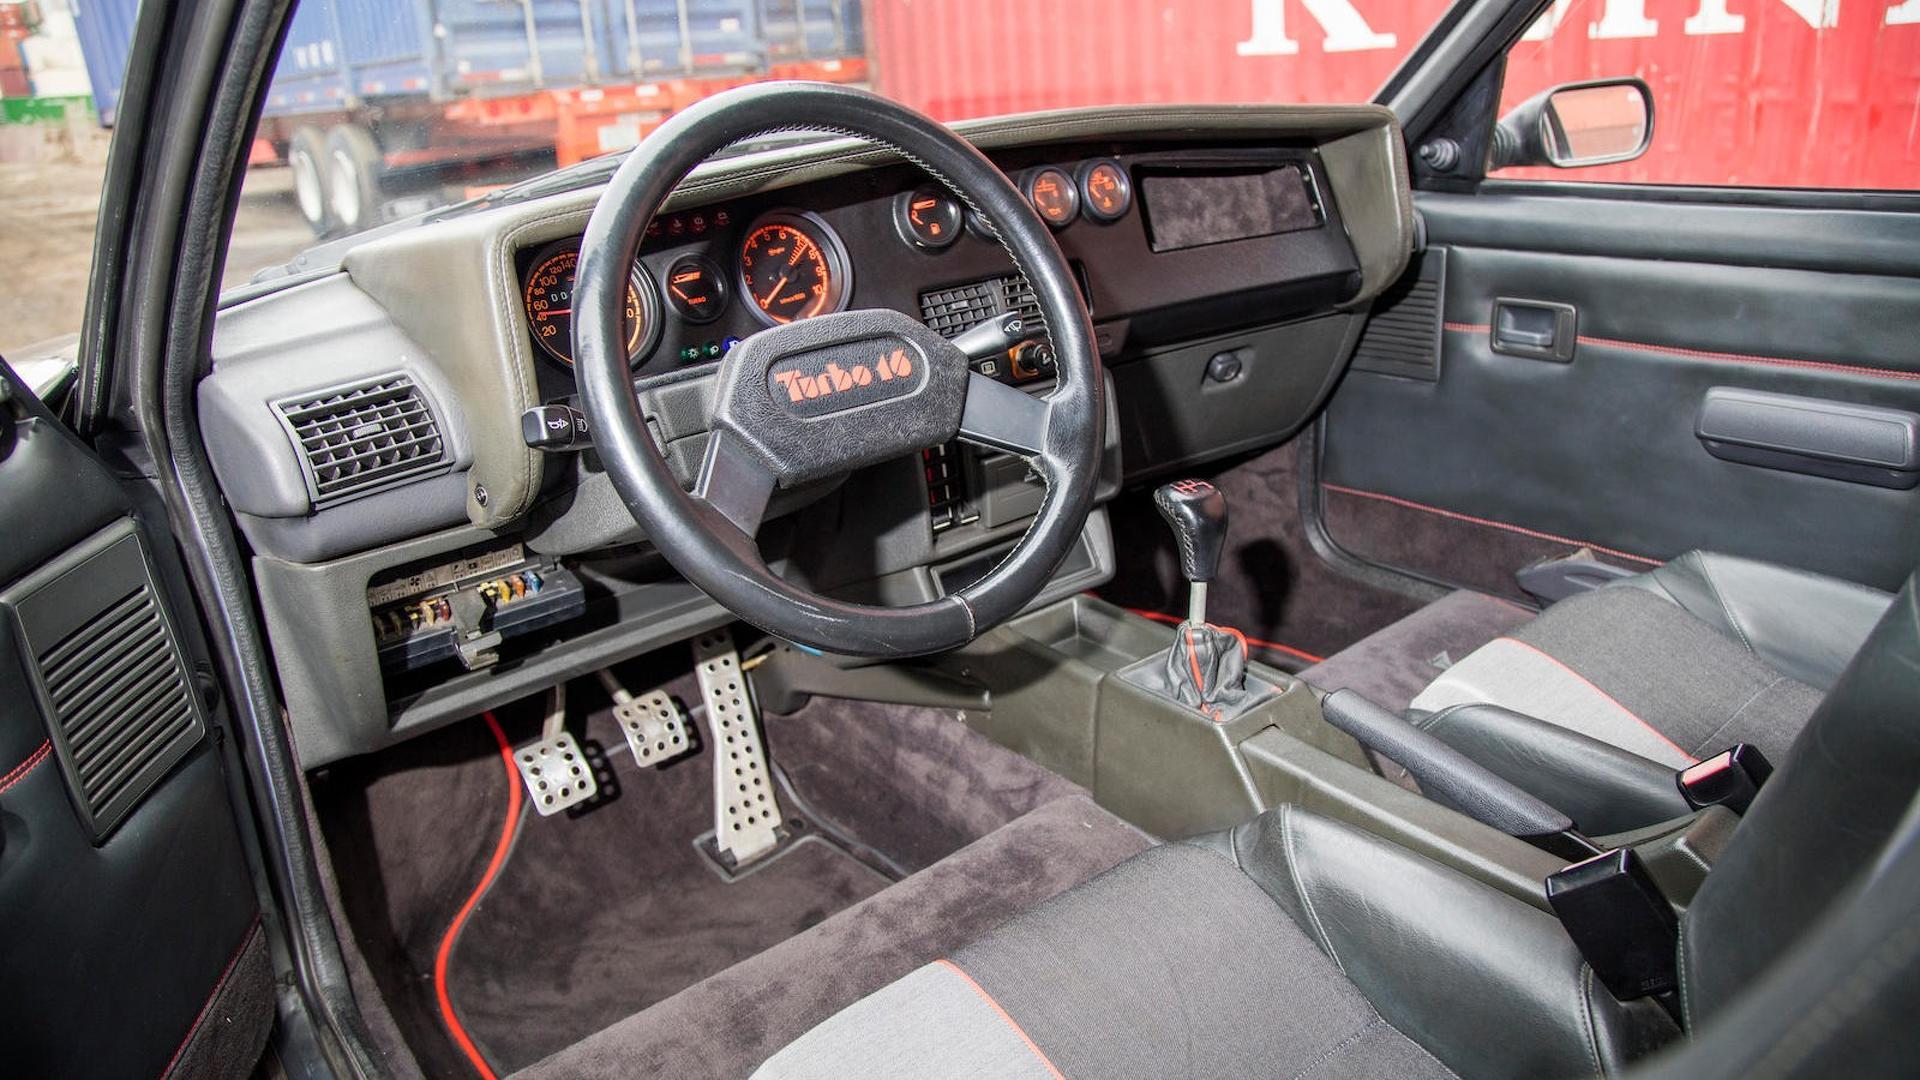 1985_Peugeot_205_Turbo_16_34